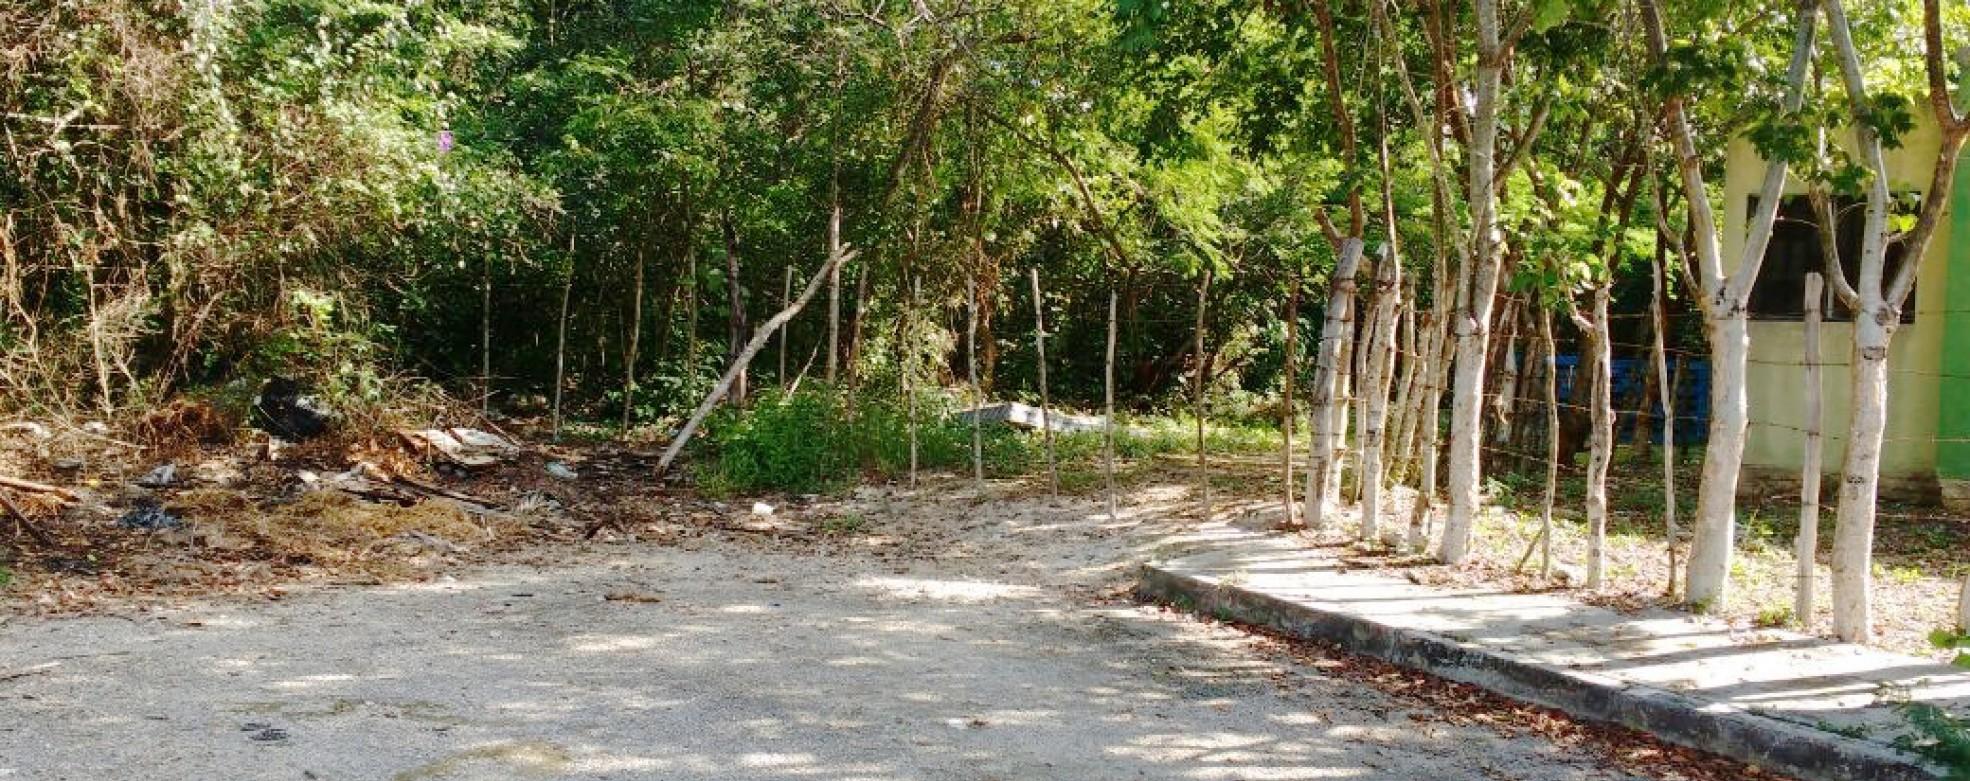 RANCH VALLADOLID YUCATAN MEXICO | Yucatan Real Estate | We